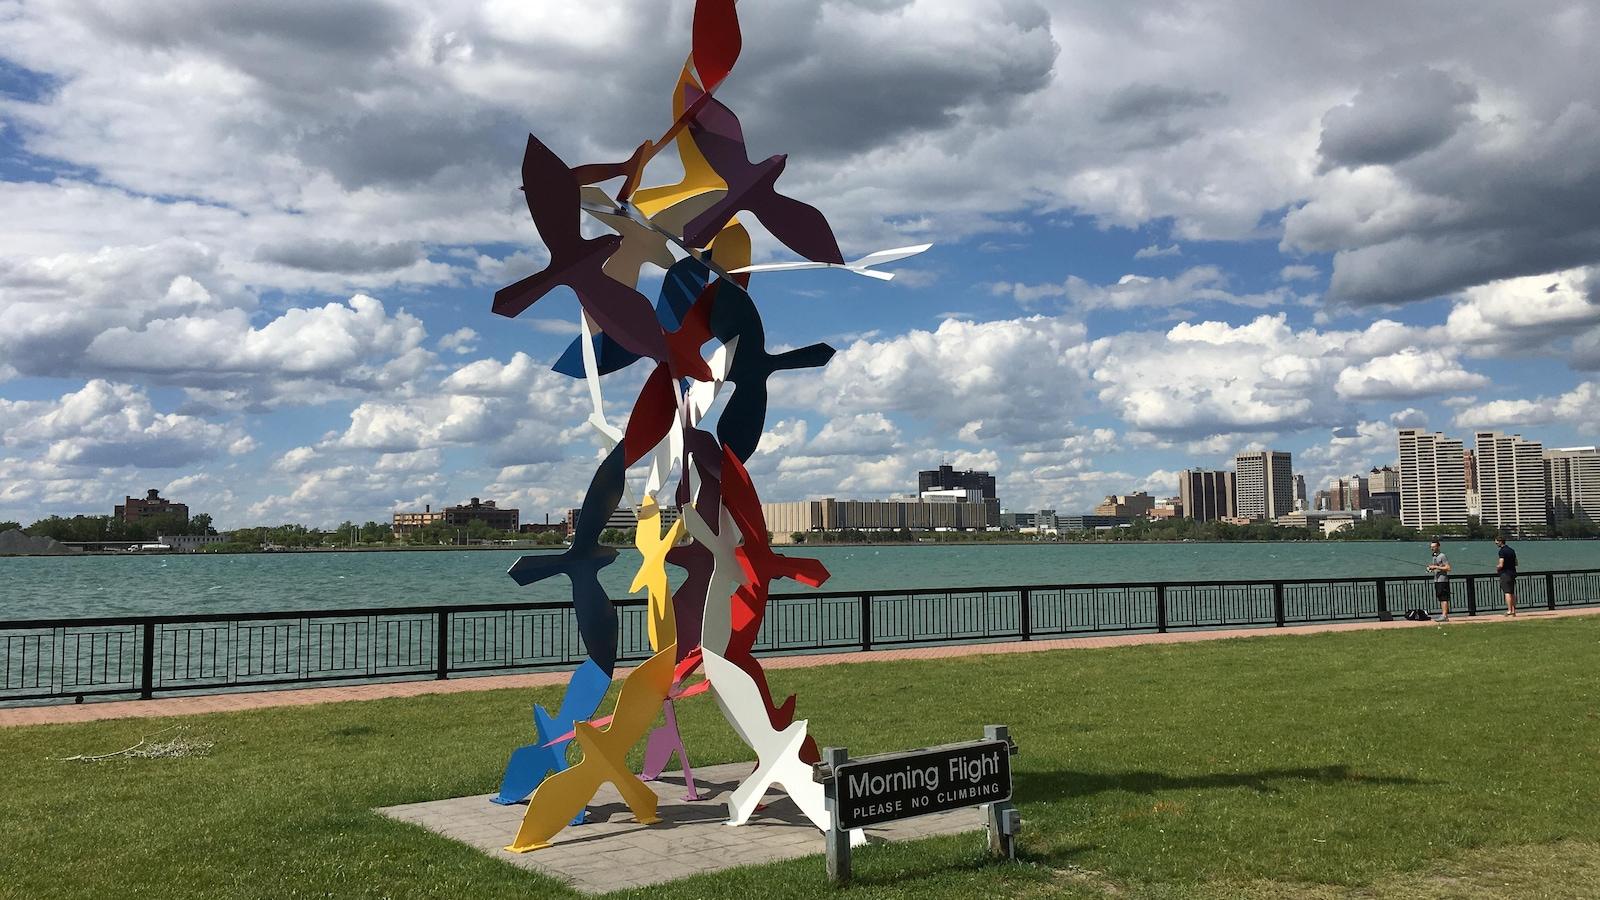 Installation artistique qui représente des oiseaux en vol sur le bord d'une rivière